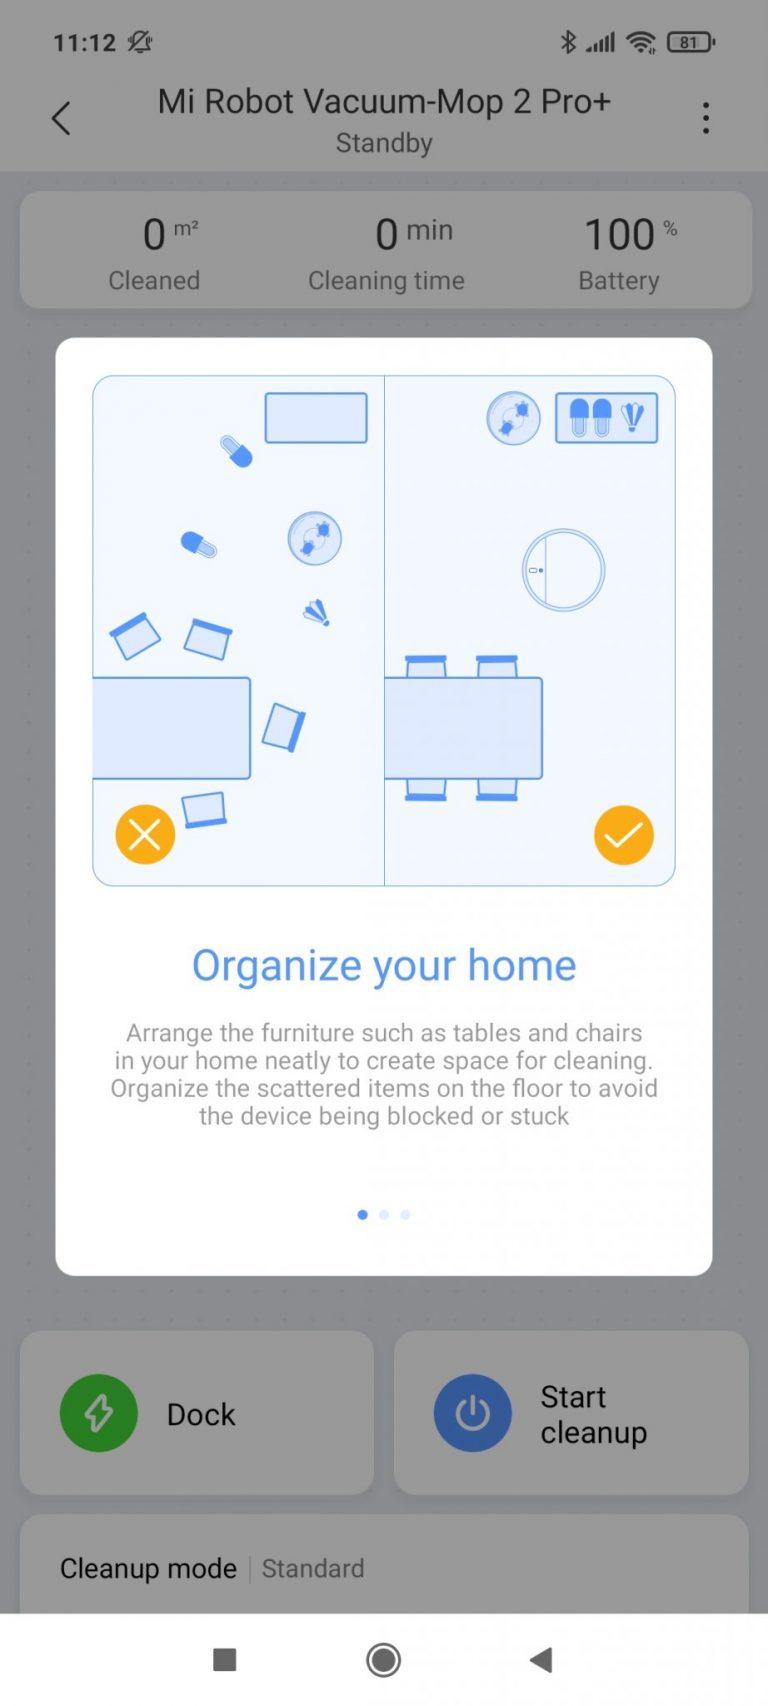 Xiaomi Vacuum-Mop 2 Pro+ robotporszívó tesztje 15